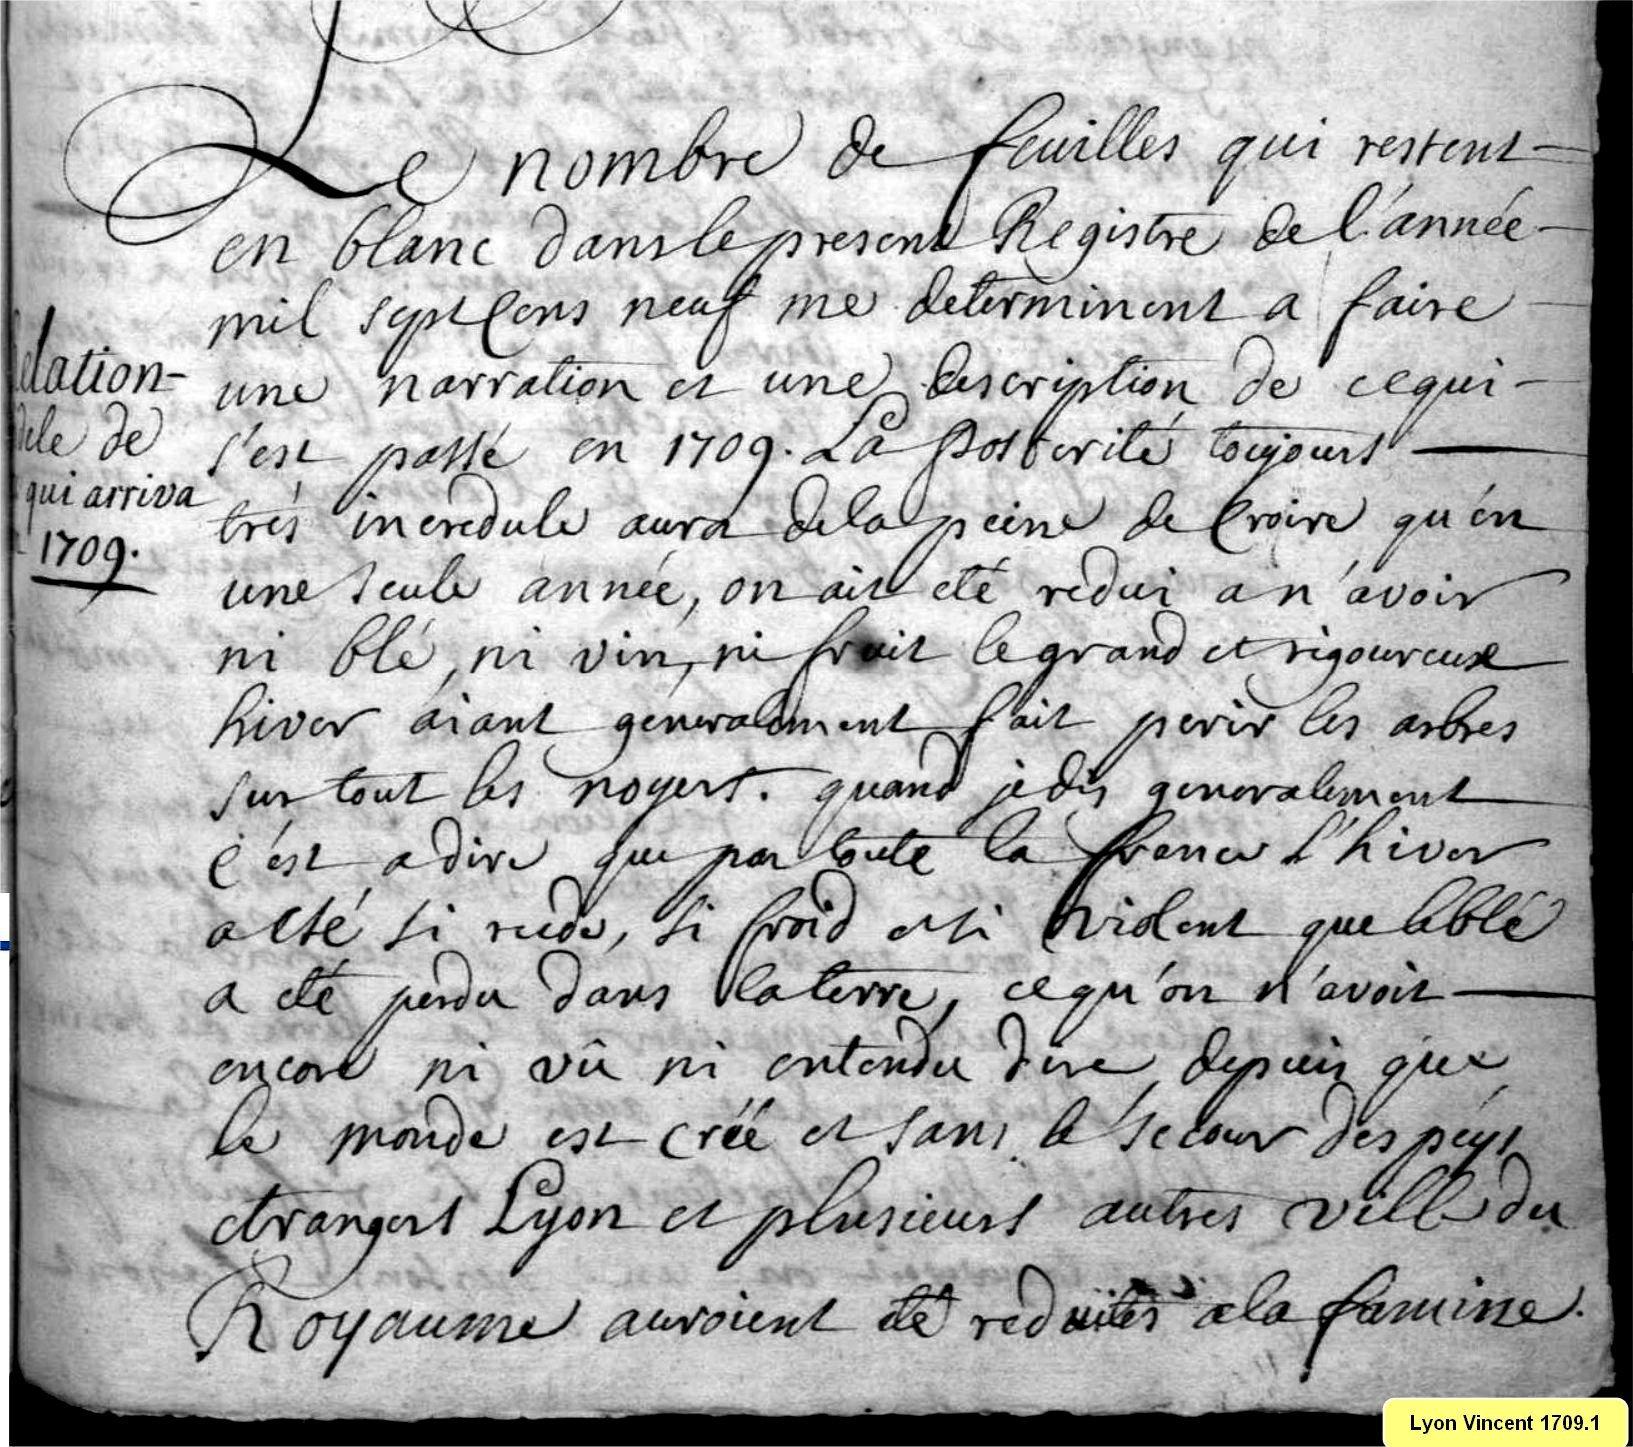 Réflexions du curé sur l'hiver 1709